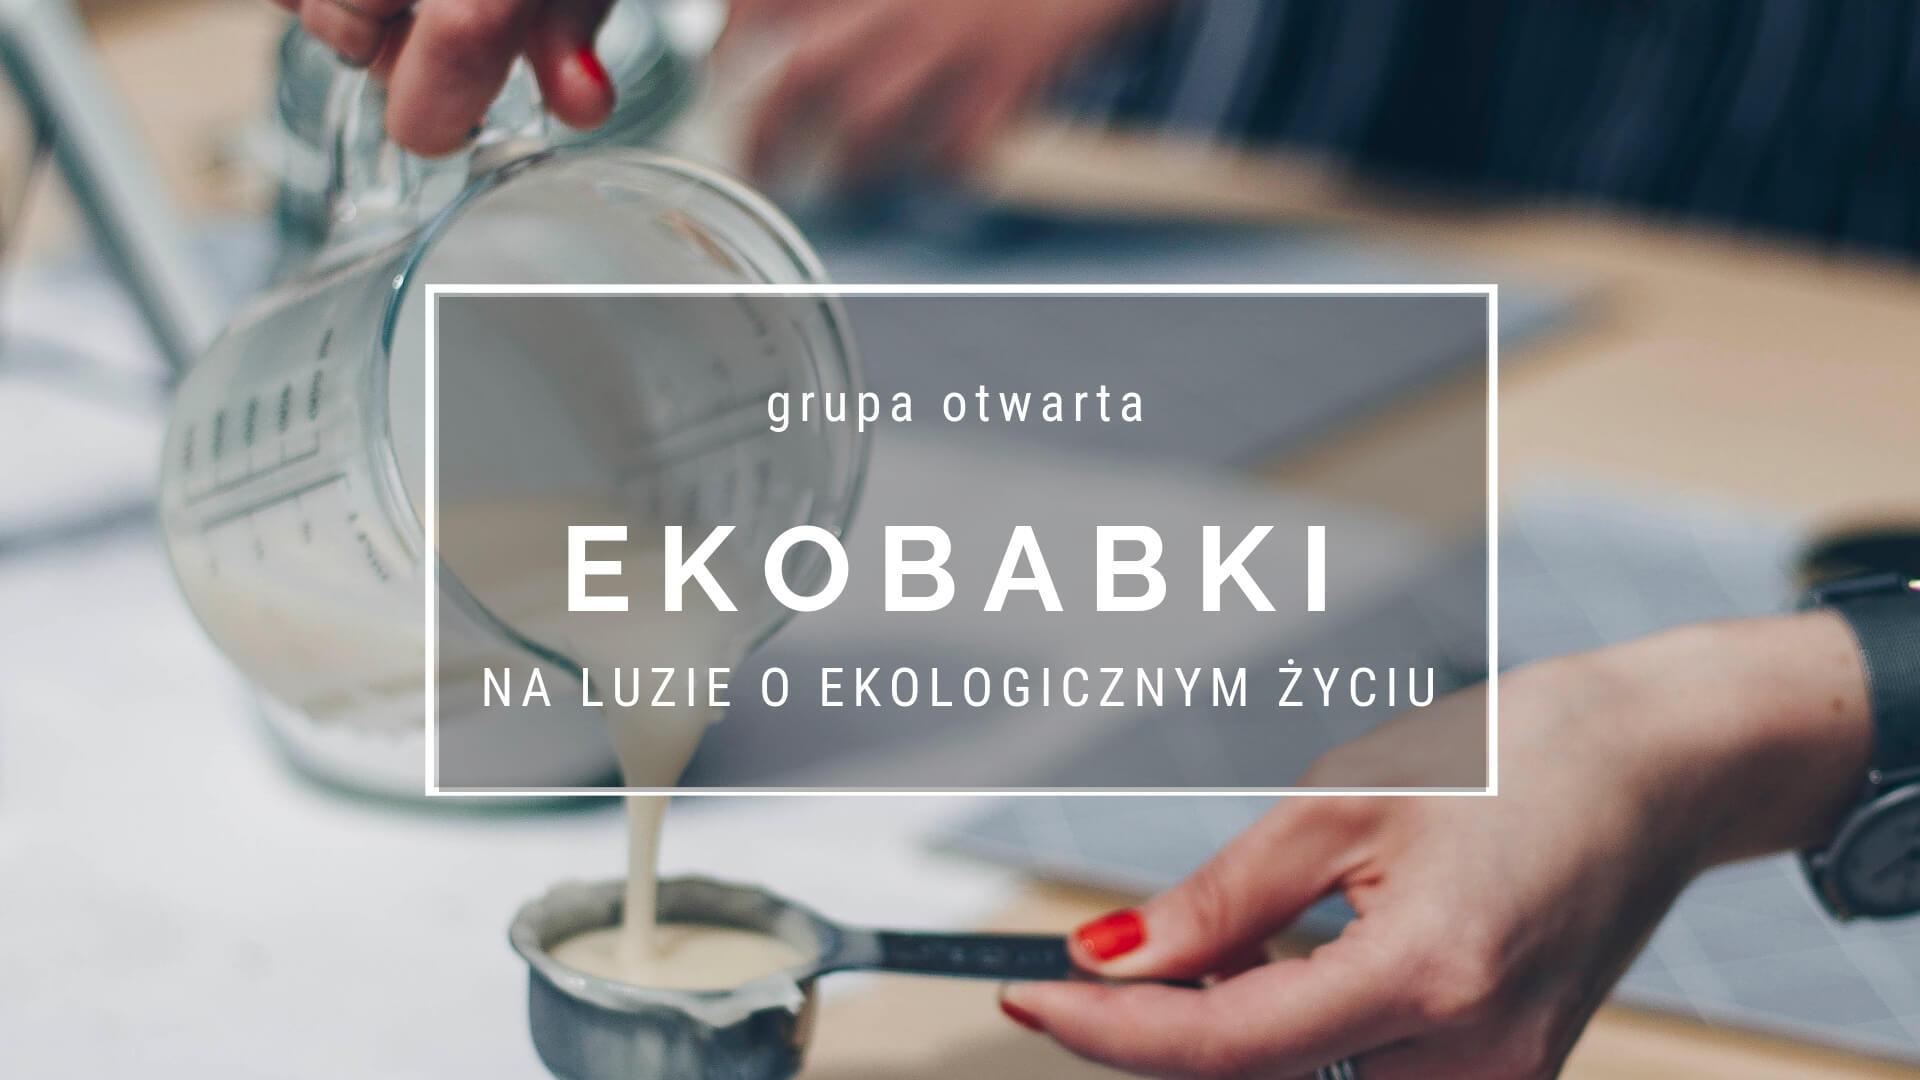 Napis grupy na facebook Ekobabki na luzie o ekologicznym życiu